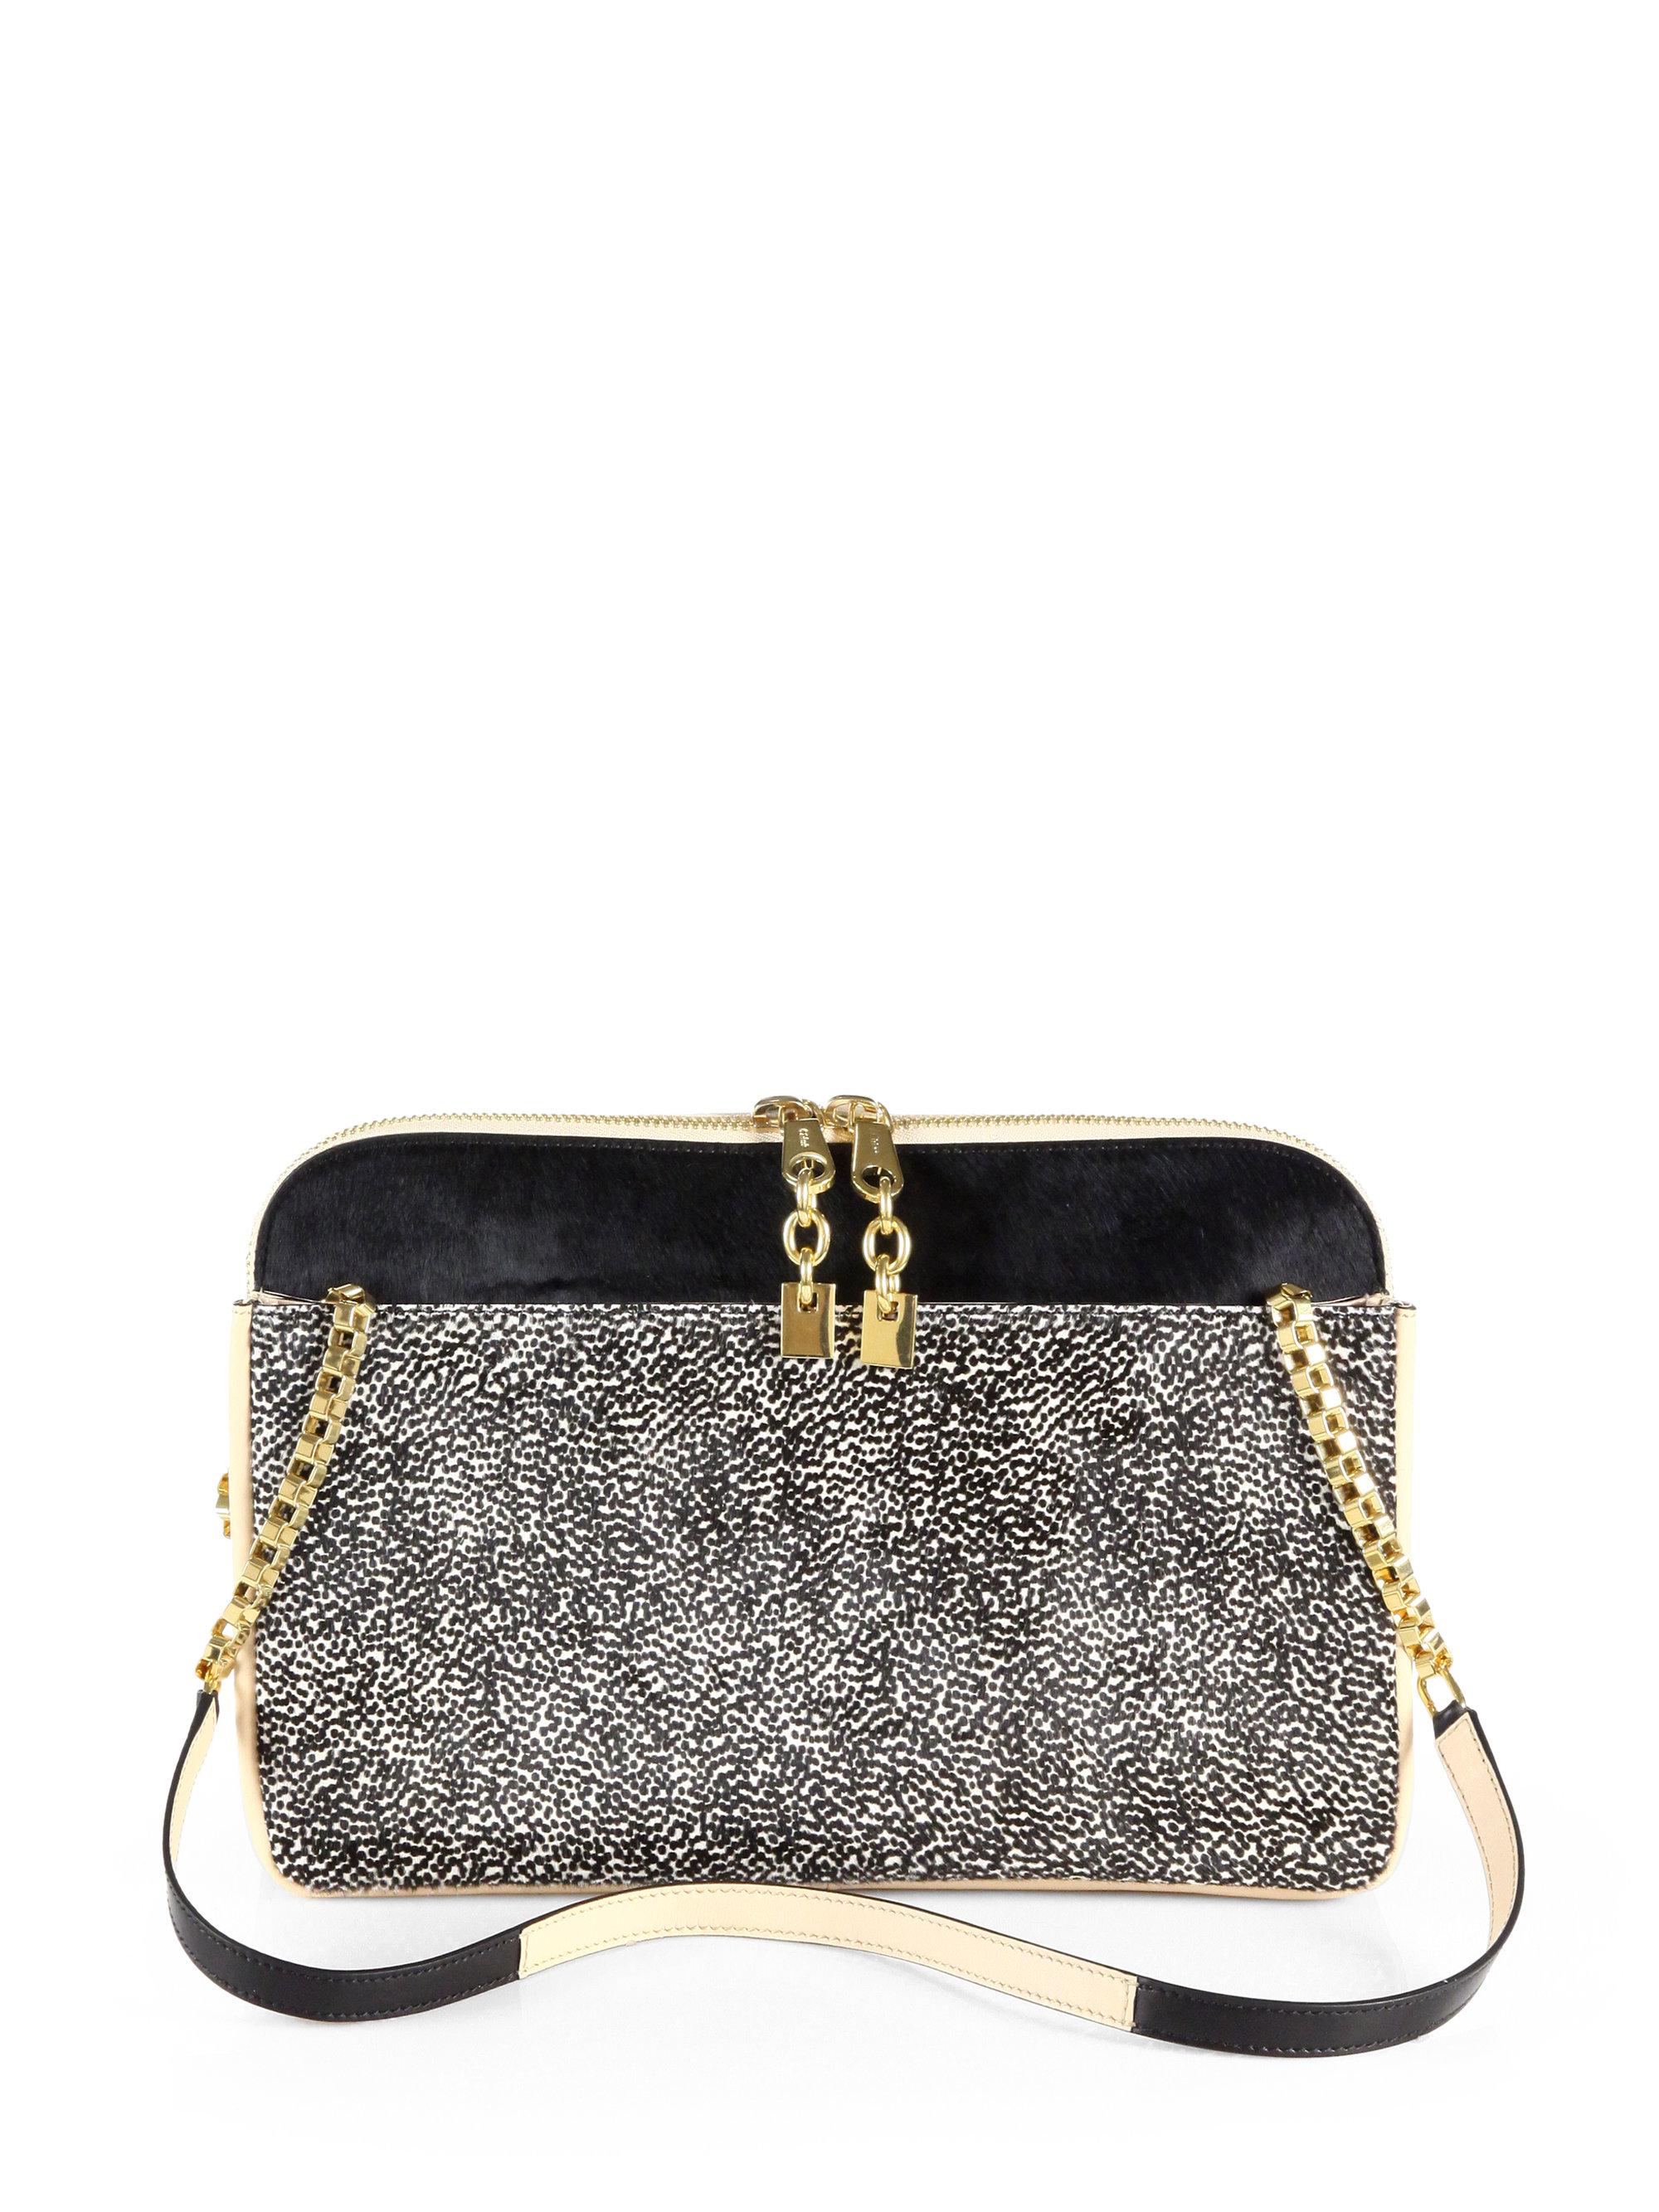 Chlo¨¦ Lucy Dot Print Shoulder Bag in Black | Lyst